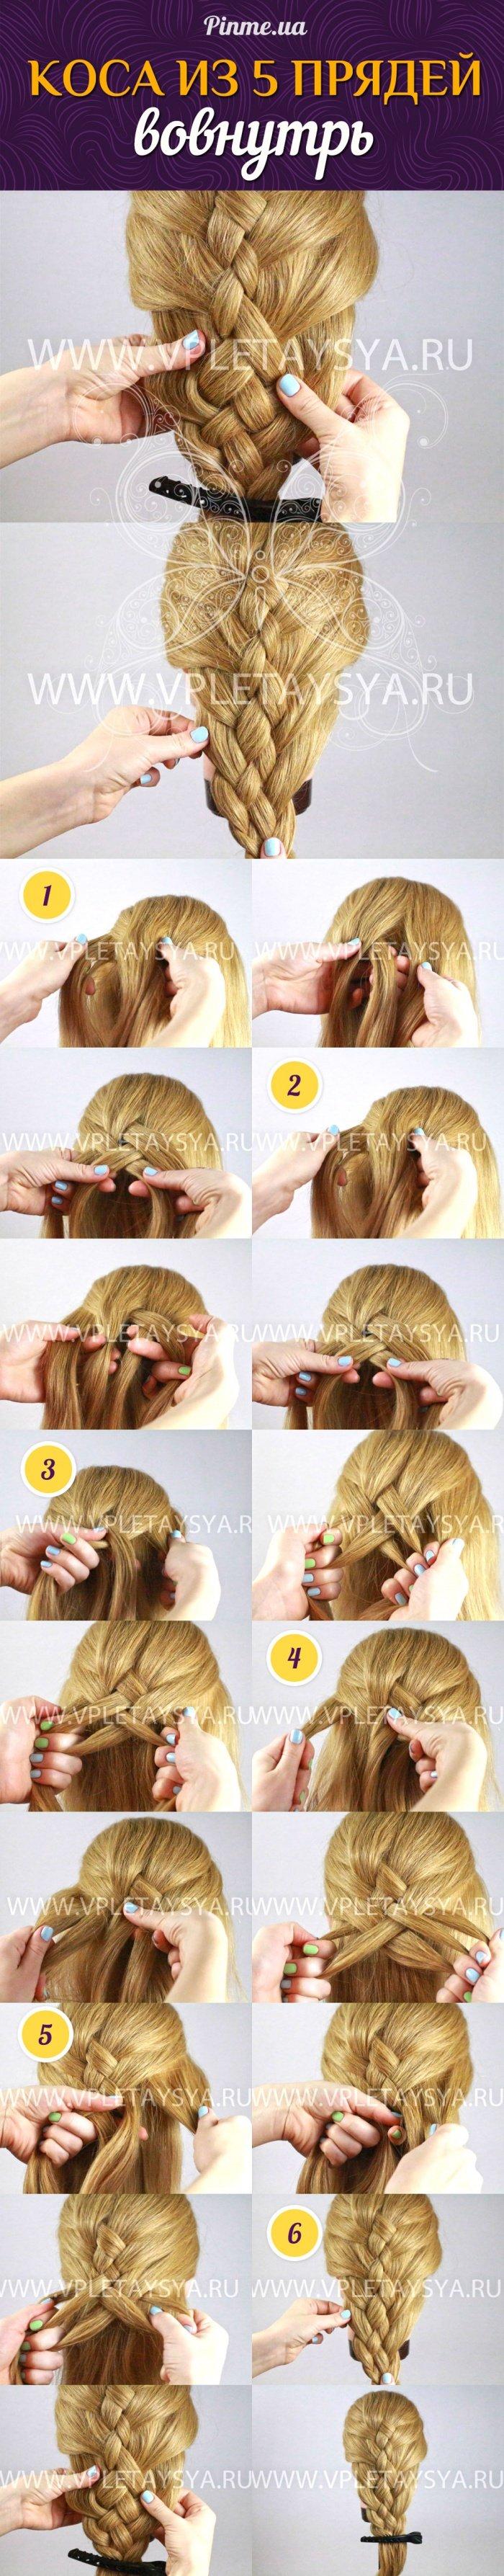 Коса из пяти прядей пошаговое фото